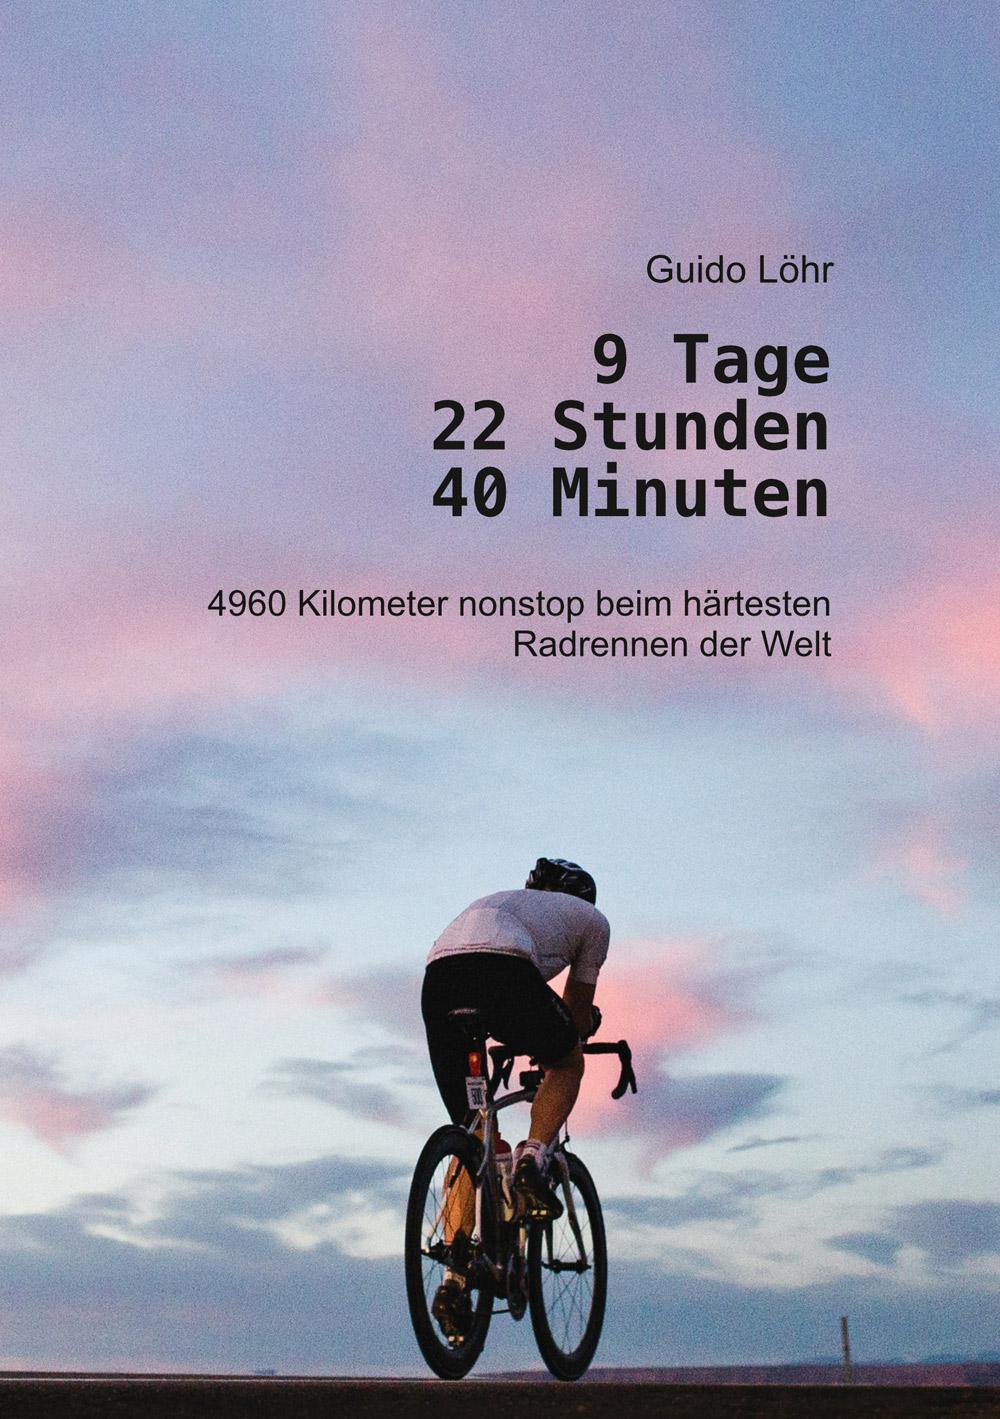 """Buch """"9 Tage 22 Stunden 40 Minuten"""" von Guido Löhr"""